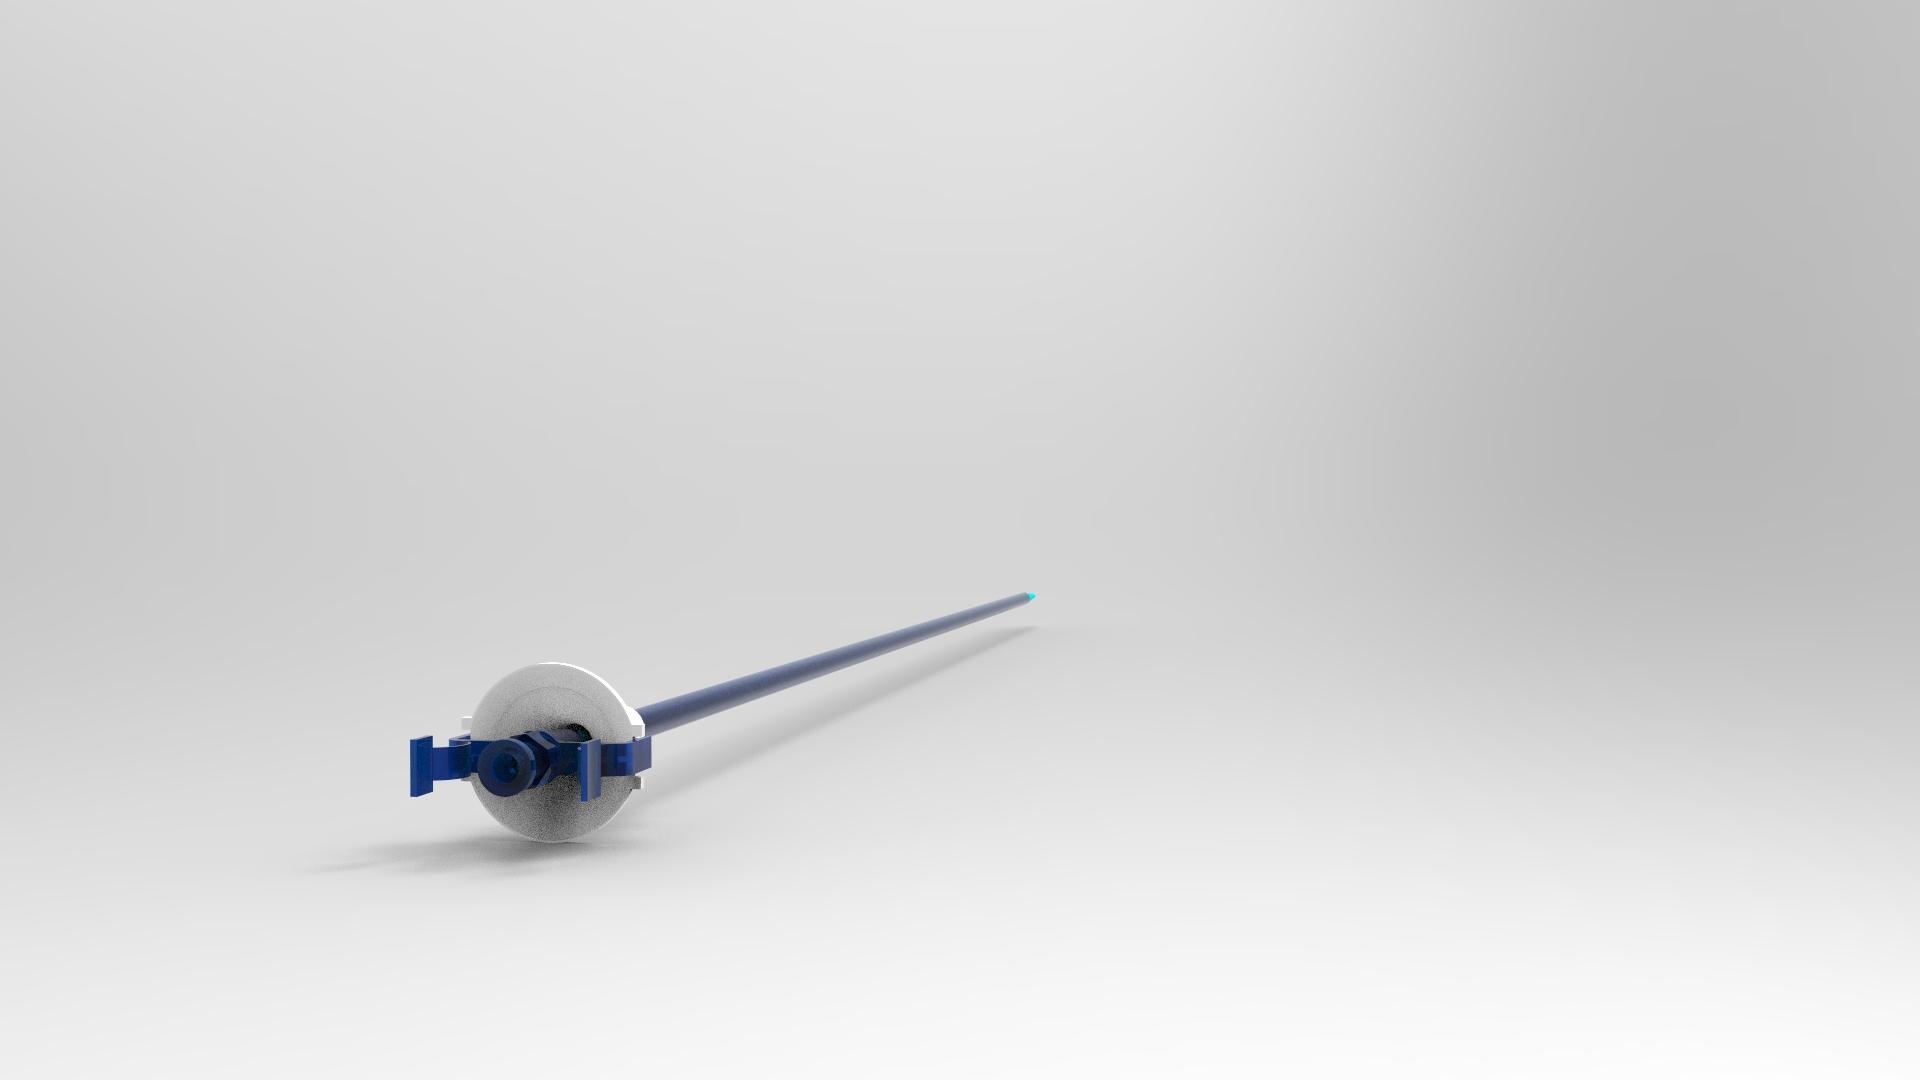 输尿管软镜鞘的构成-输尿管软镜鞘复用-输尿管软镜操作鞘